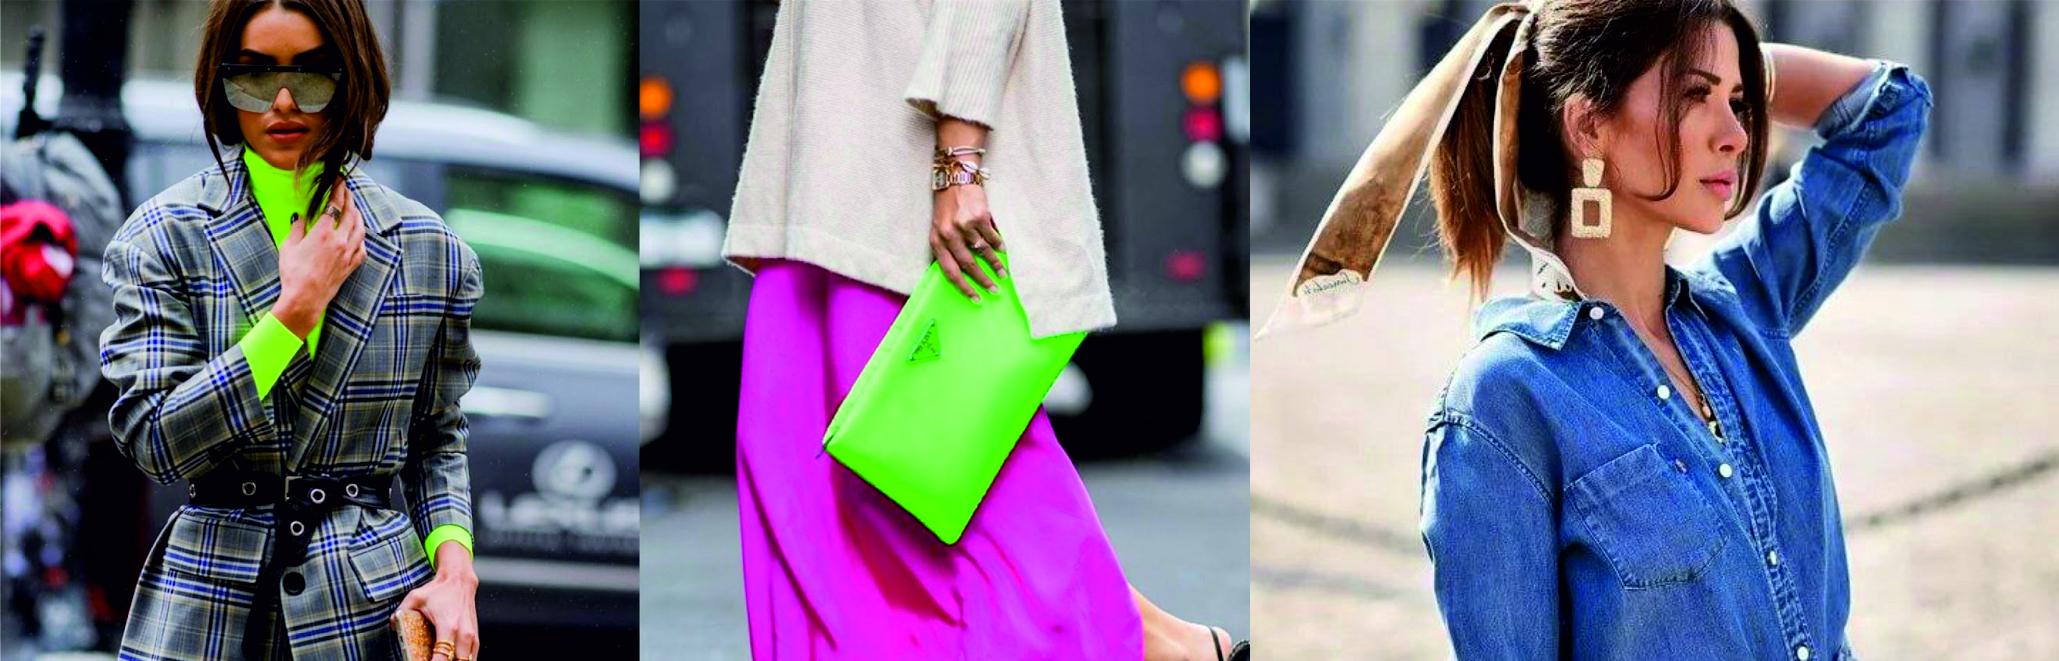 Модные тенденции лето-осень 2020 в ТК ЭКОПОЛИС premium